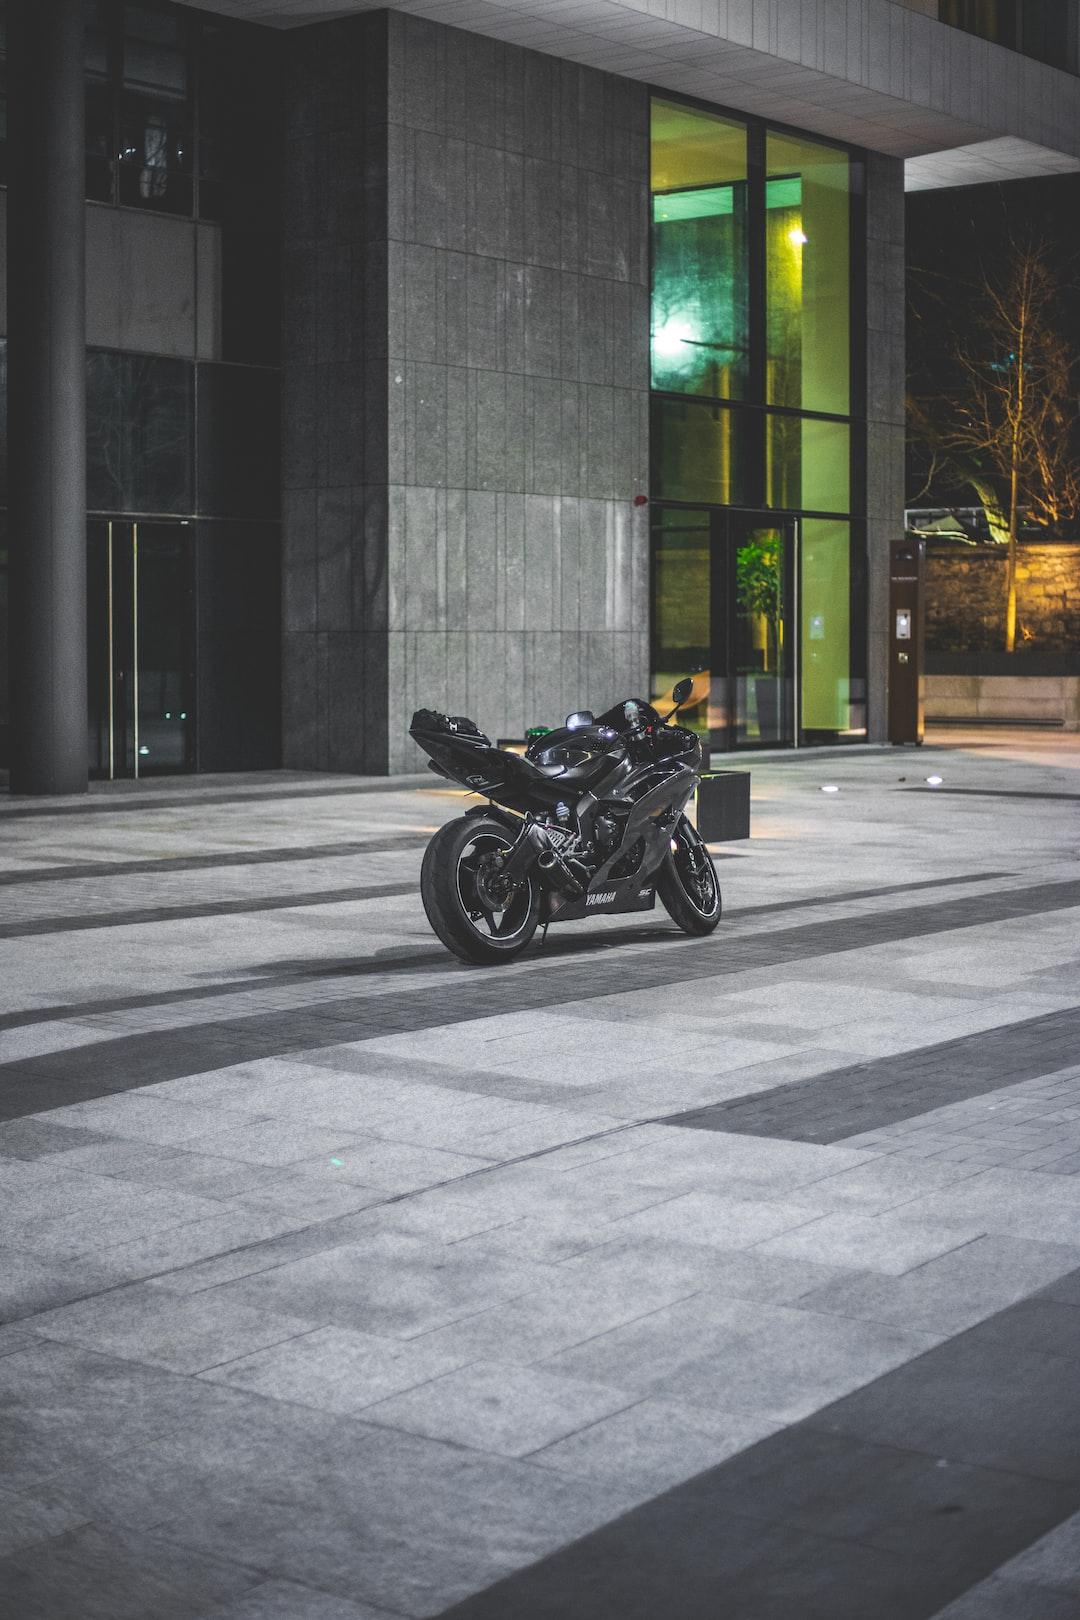 My Yamaha R6